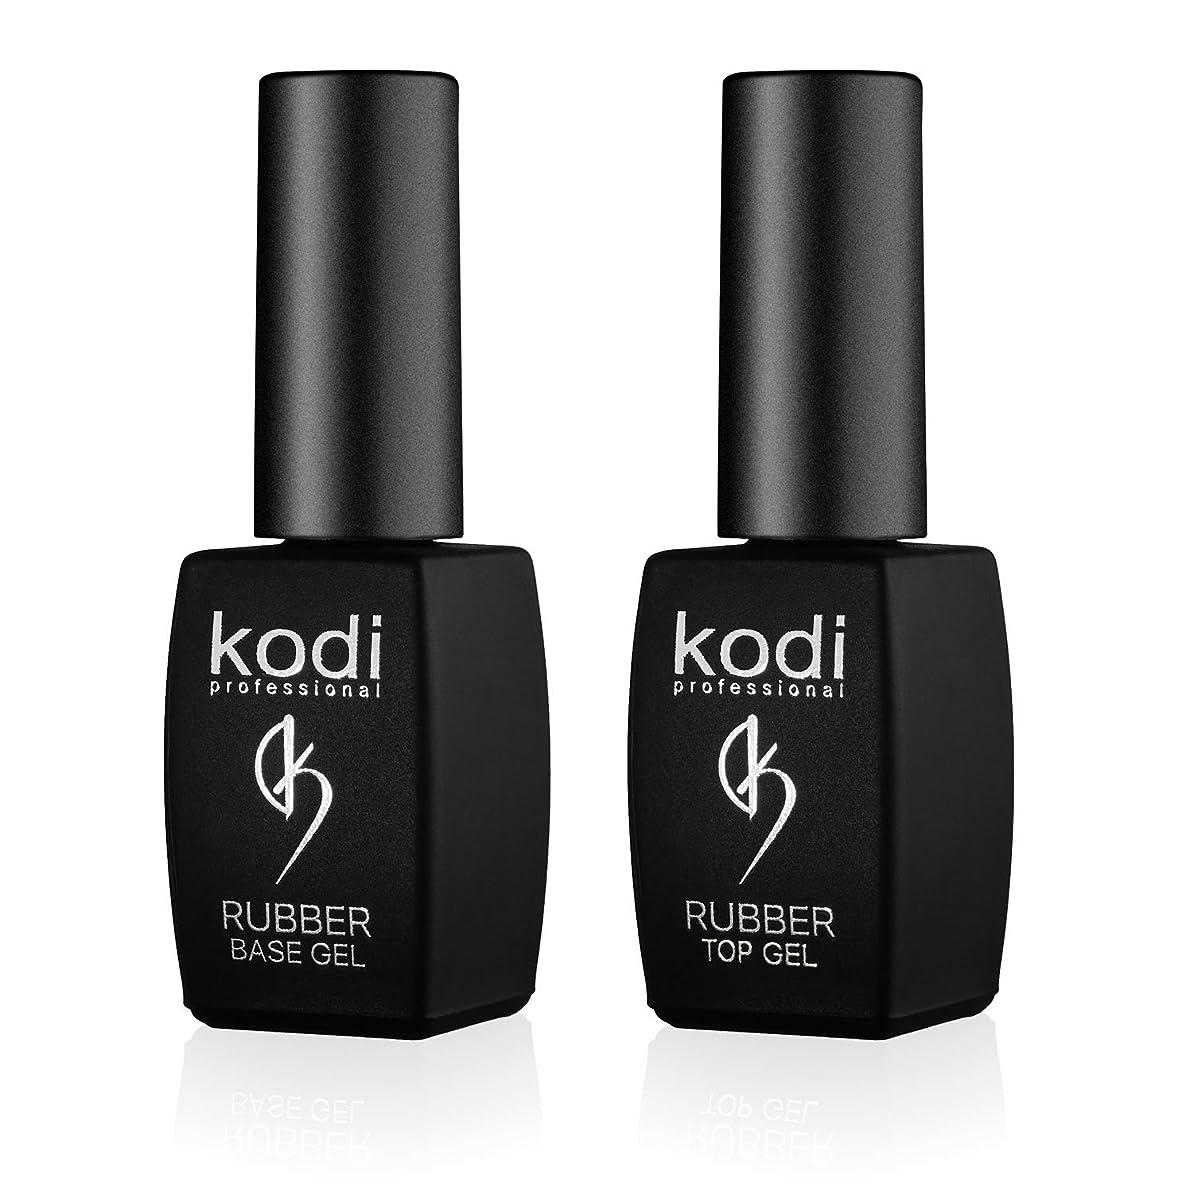 誘惑徴収要塞Kodi プロフェッショナルラバートップ&ベースジェルセット  8ml 0.27オンス 爪のソークオフとポリッシュ コートキット 長持ちするネイルレイヤー 使いやすい、無毒&無香料  LEDまたはUVランプの下で硬化